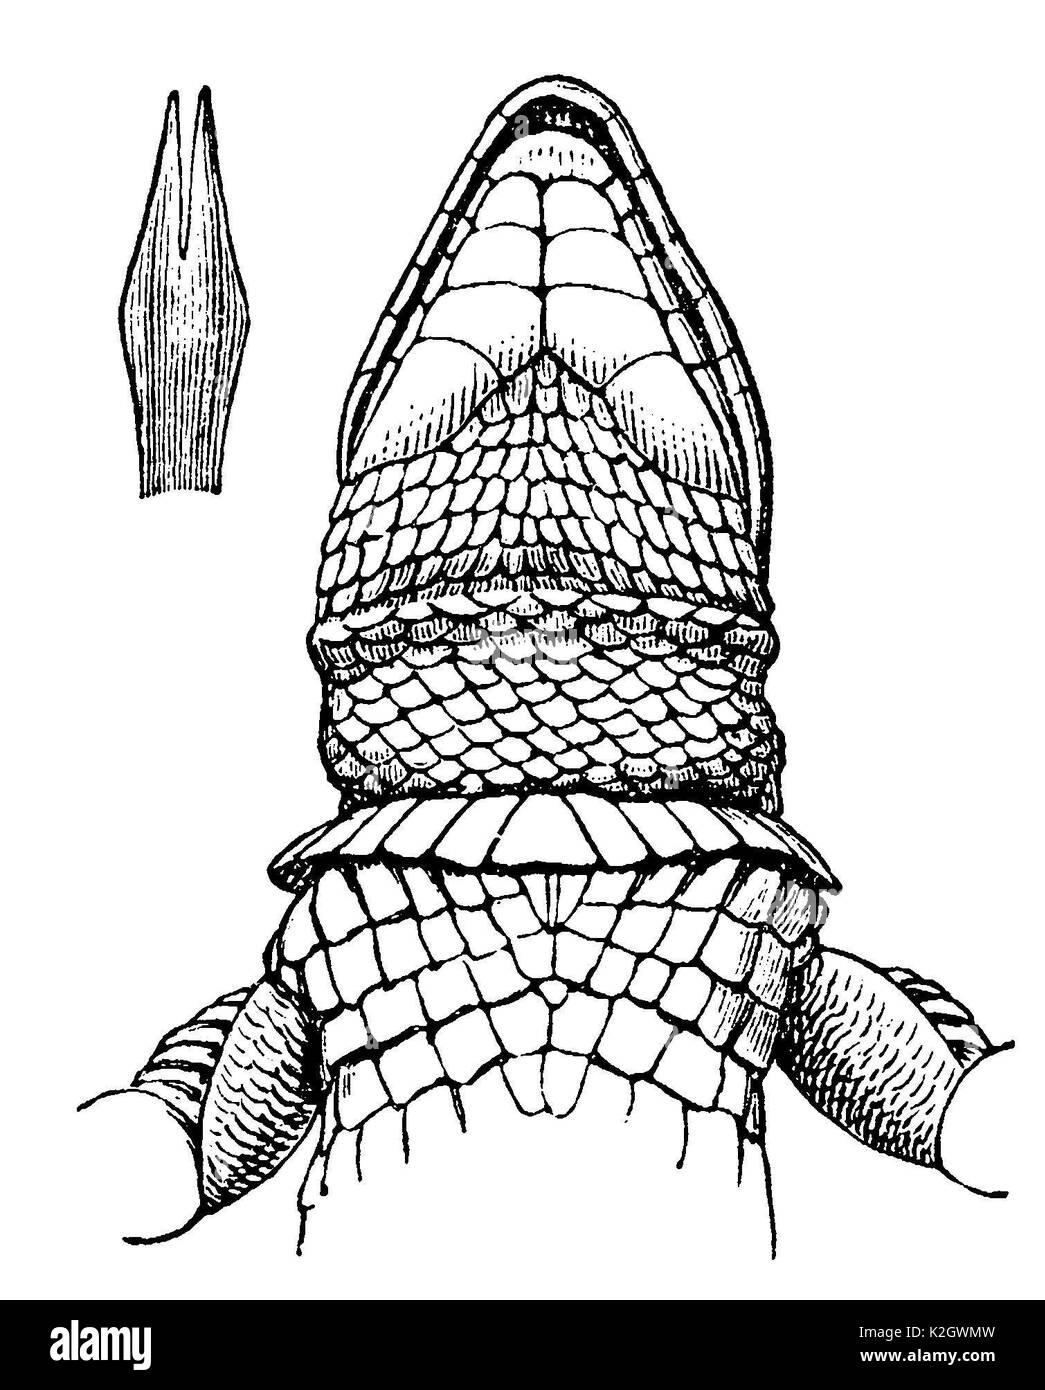 Lizard from below, upper left: tongue - Stock Image